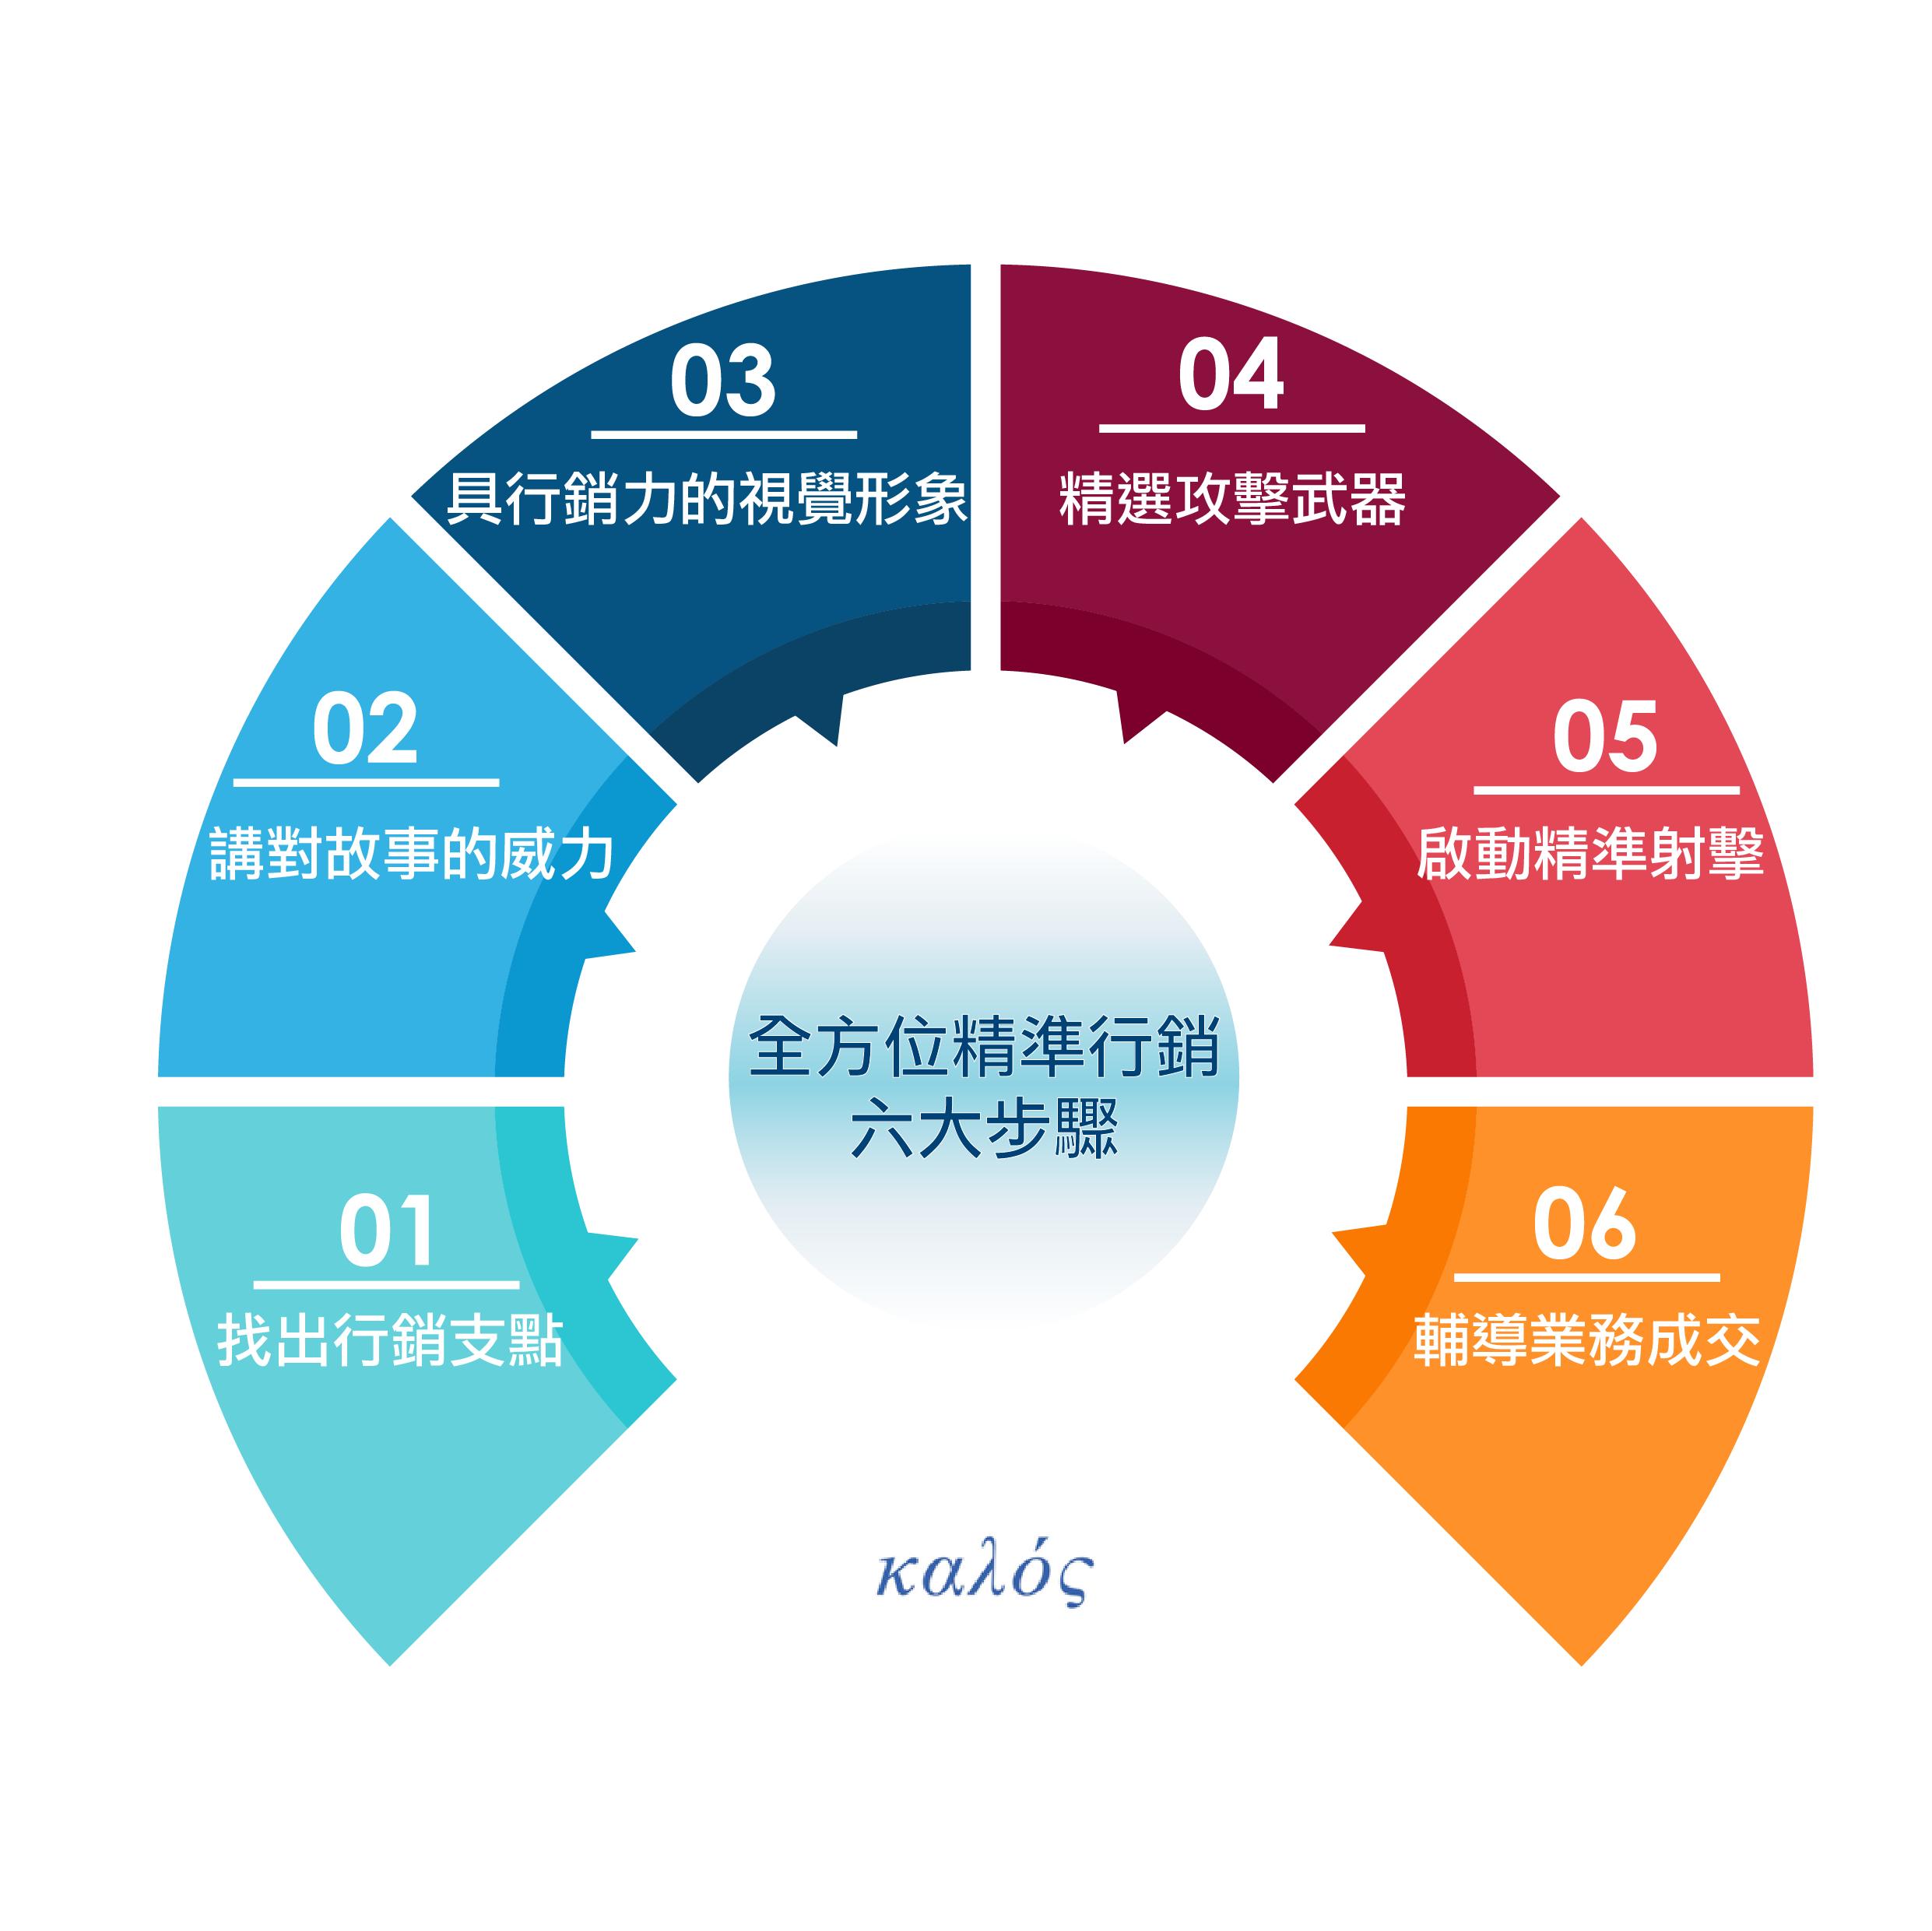 美門整合行銷精準執行六步驟